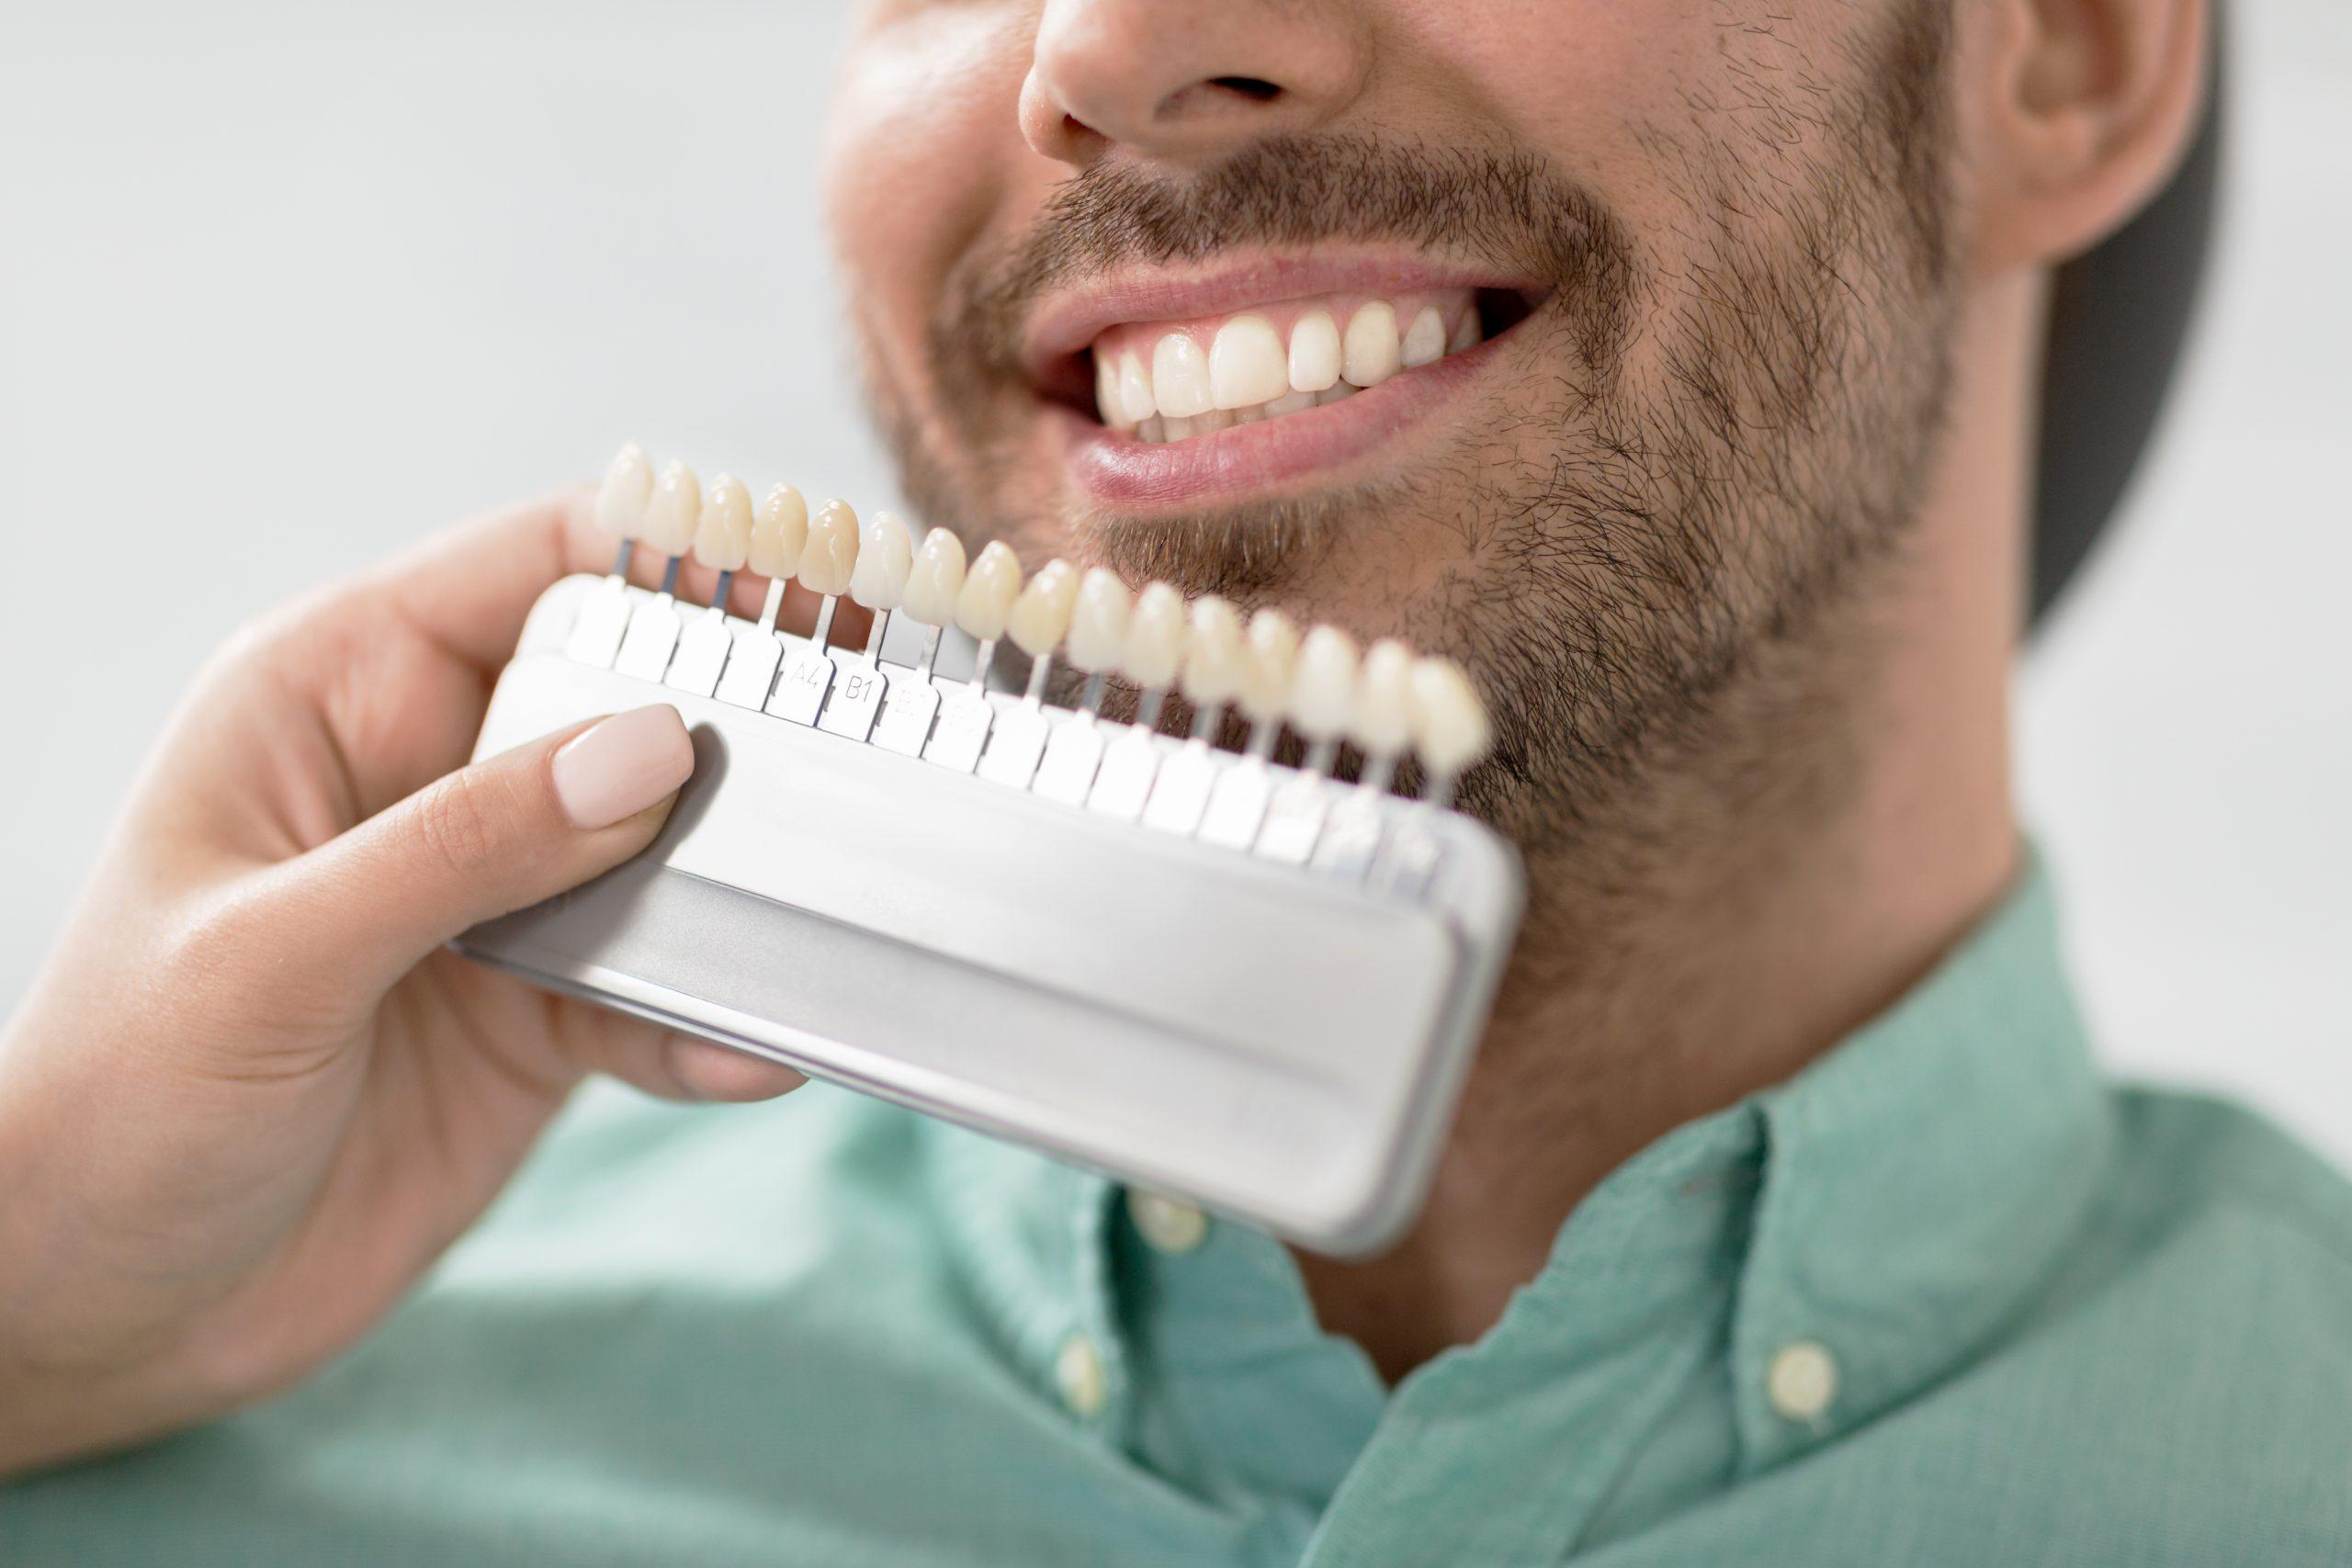 ESTÈTICA DENTAL: especialitat Serveis Dentals de Salt, blanquejament dental